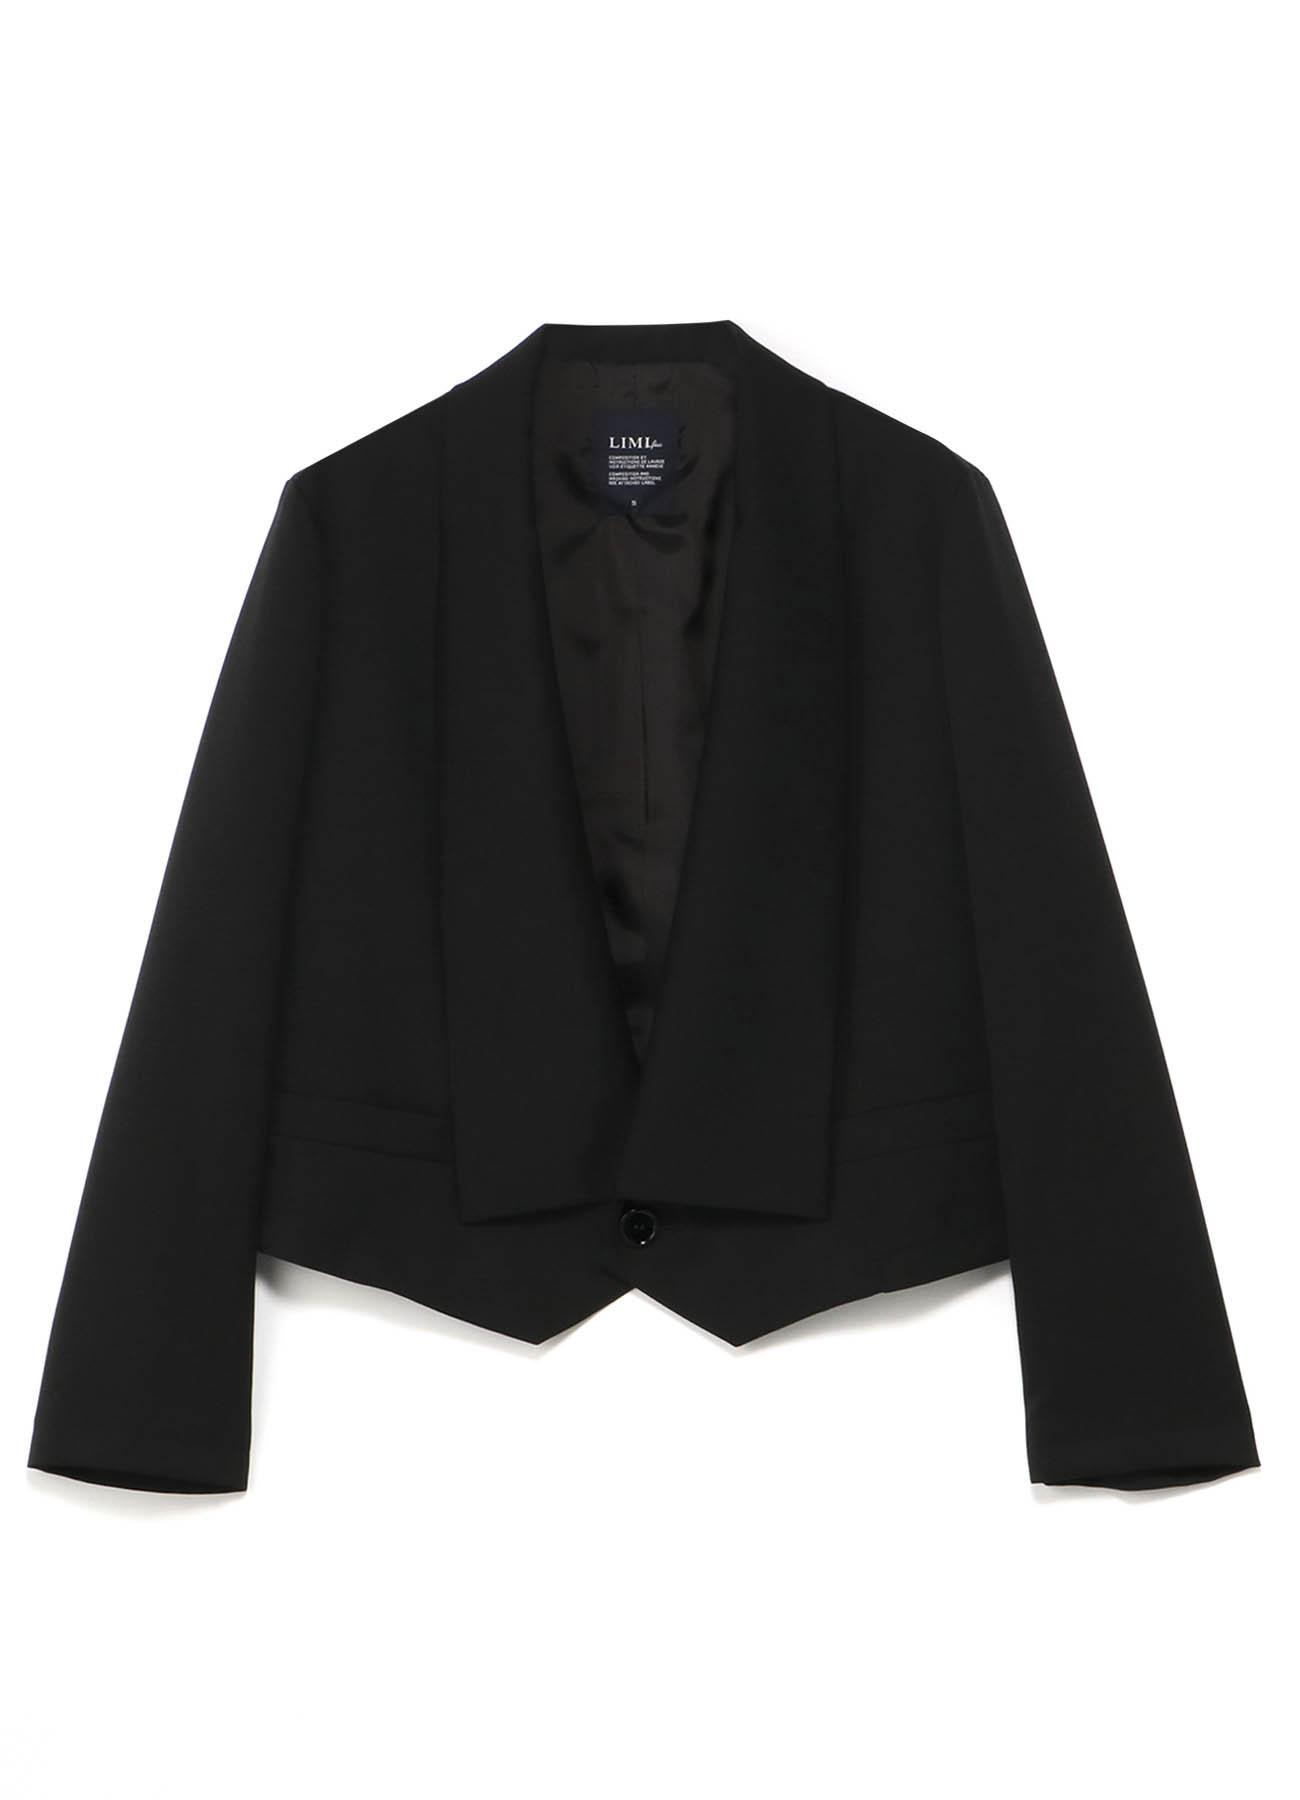 华达呢羊毛短款西装夹克